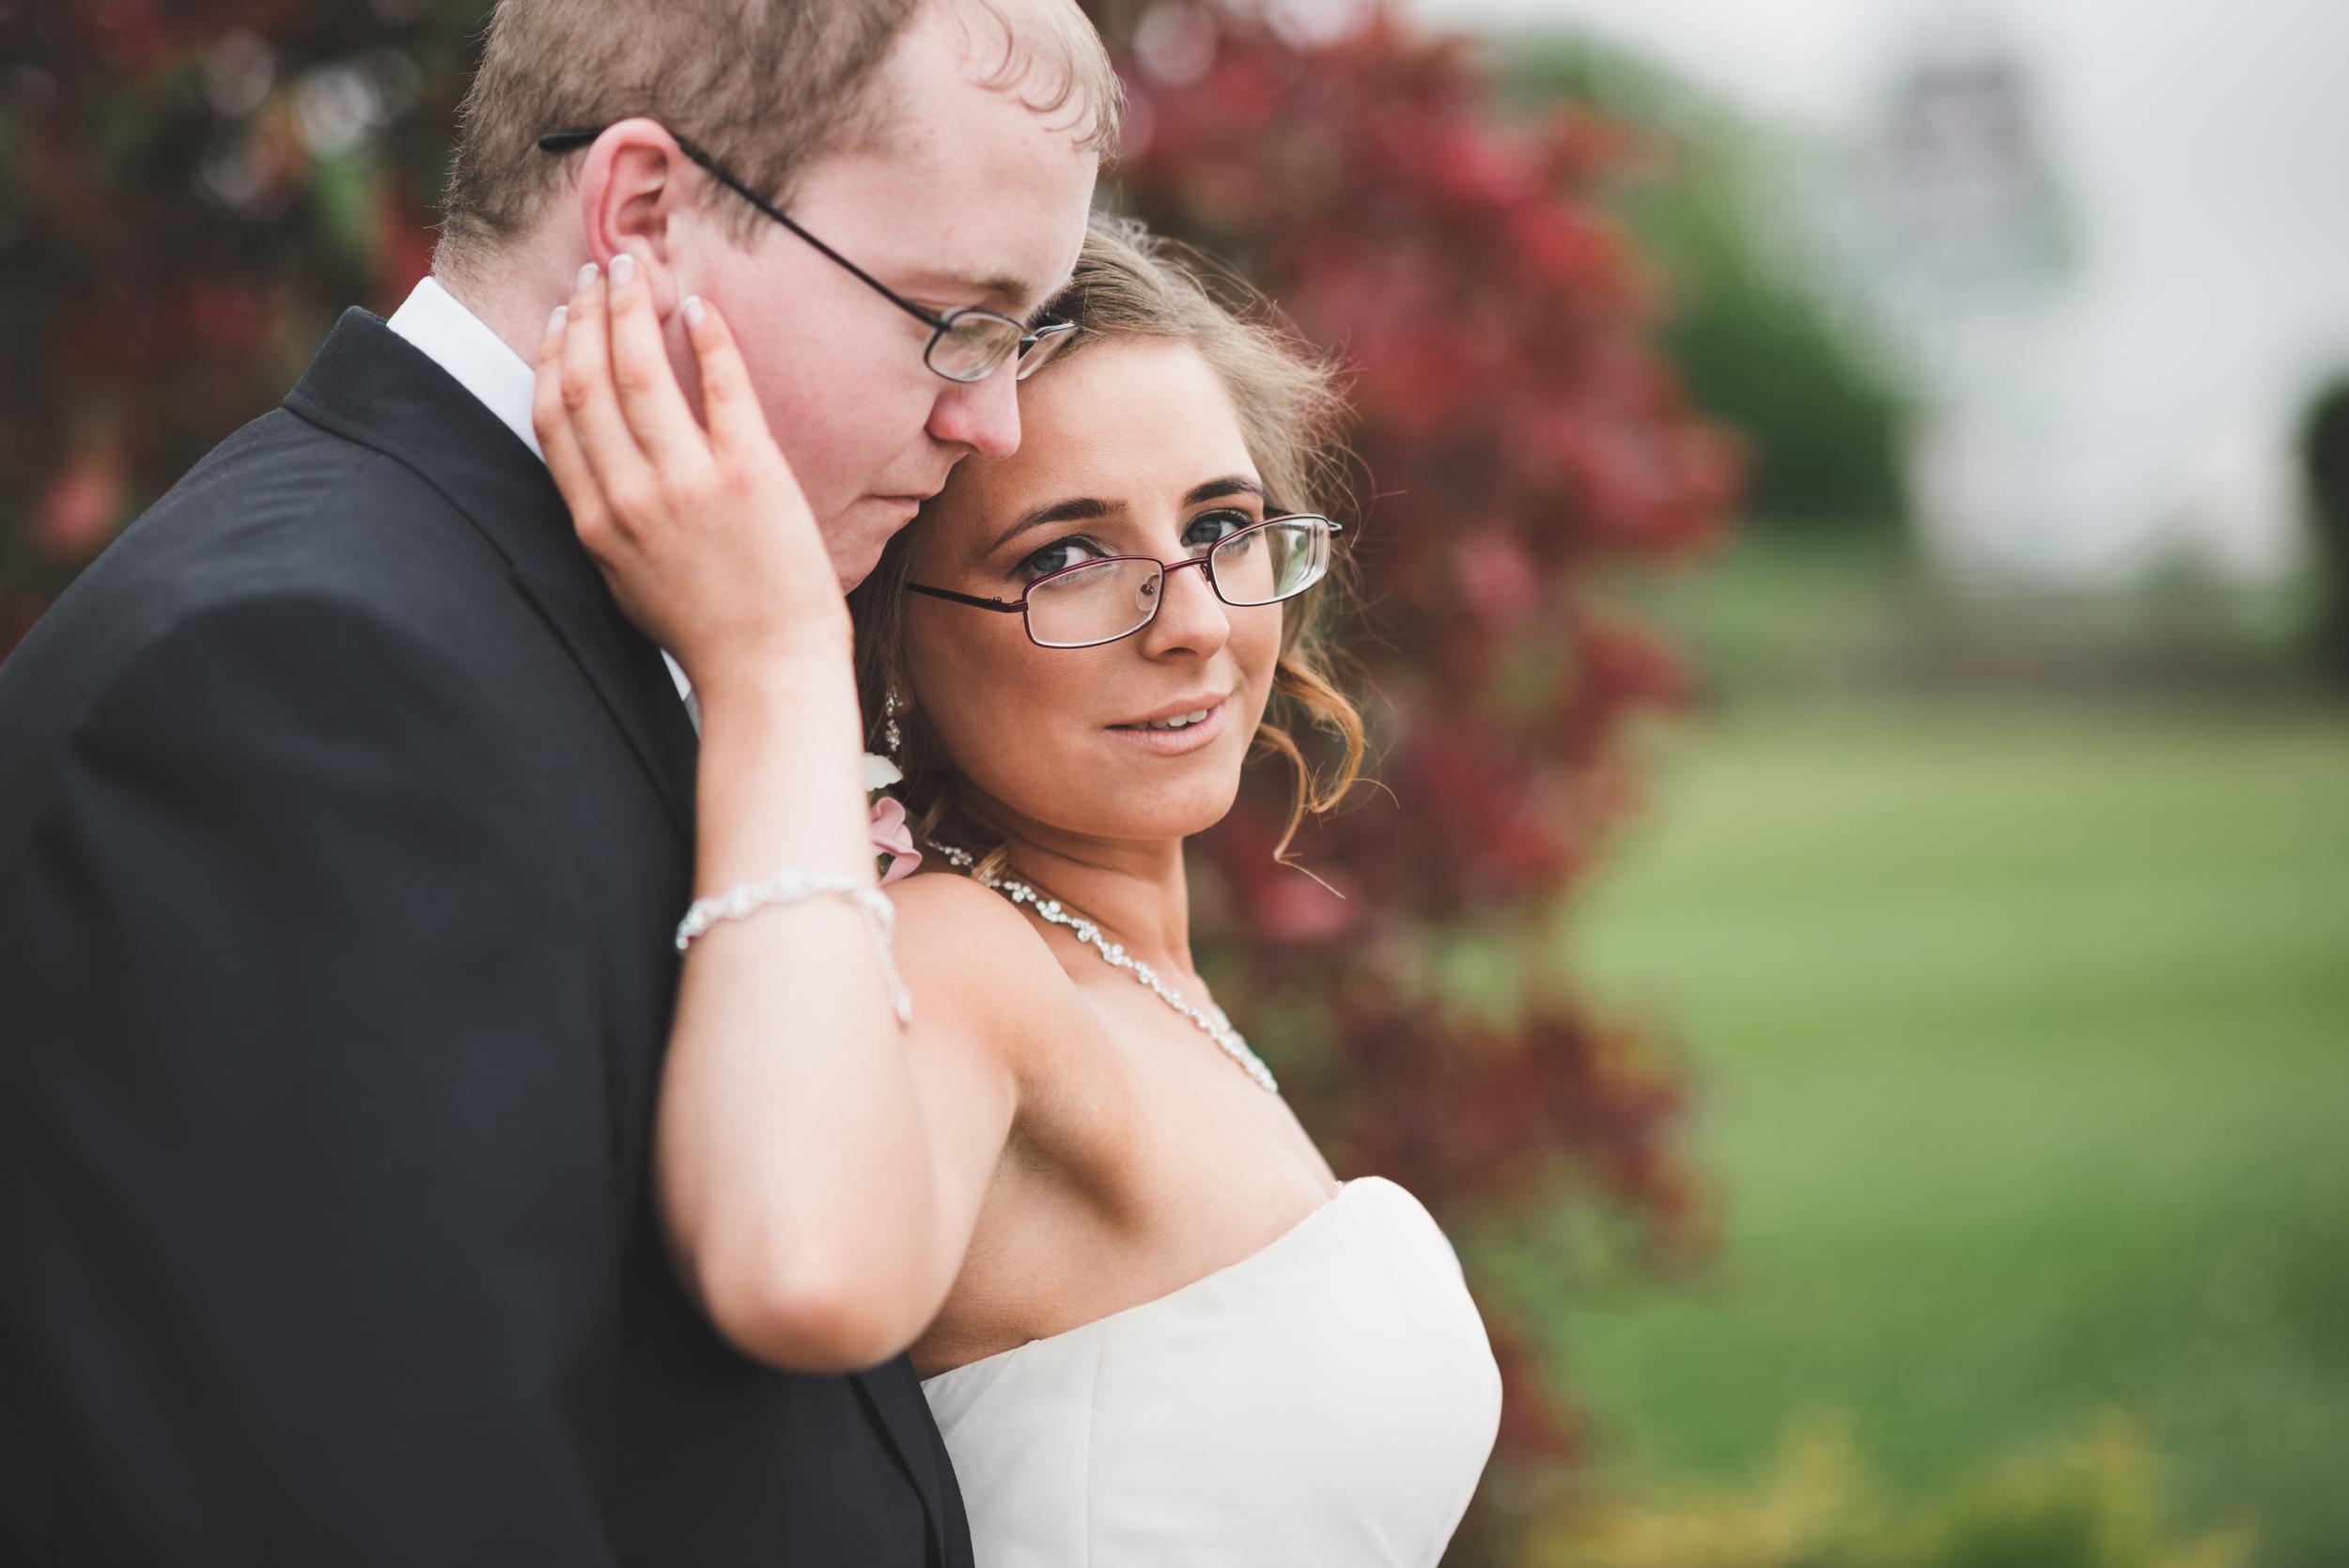 Ballymac_hotel_wedding_lisburn_bride_and_groom_portrait